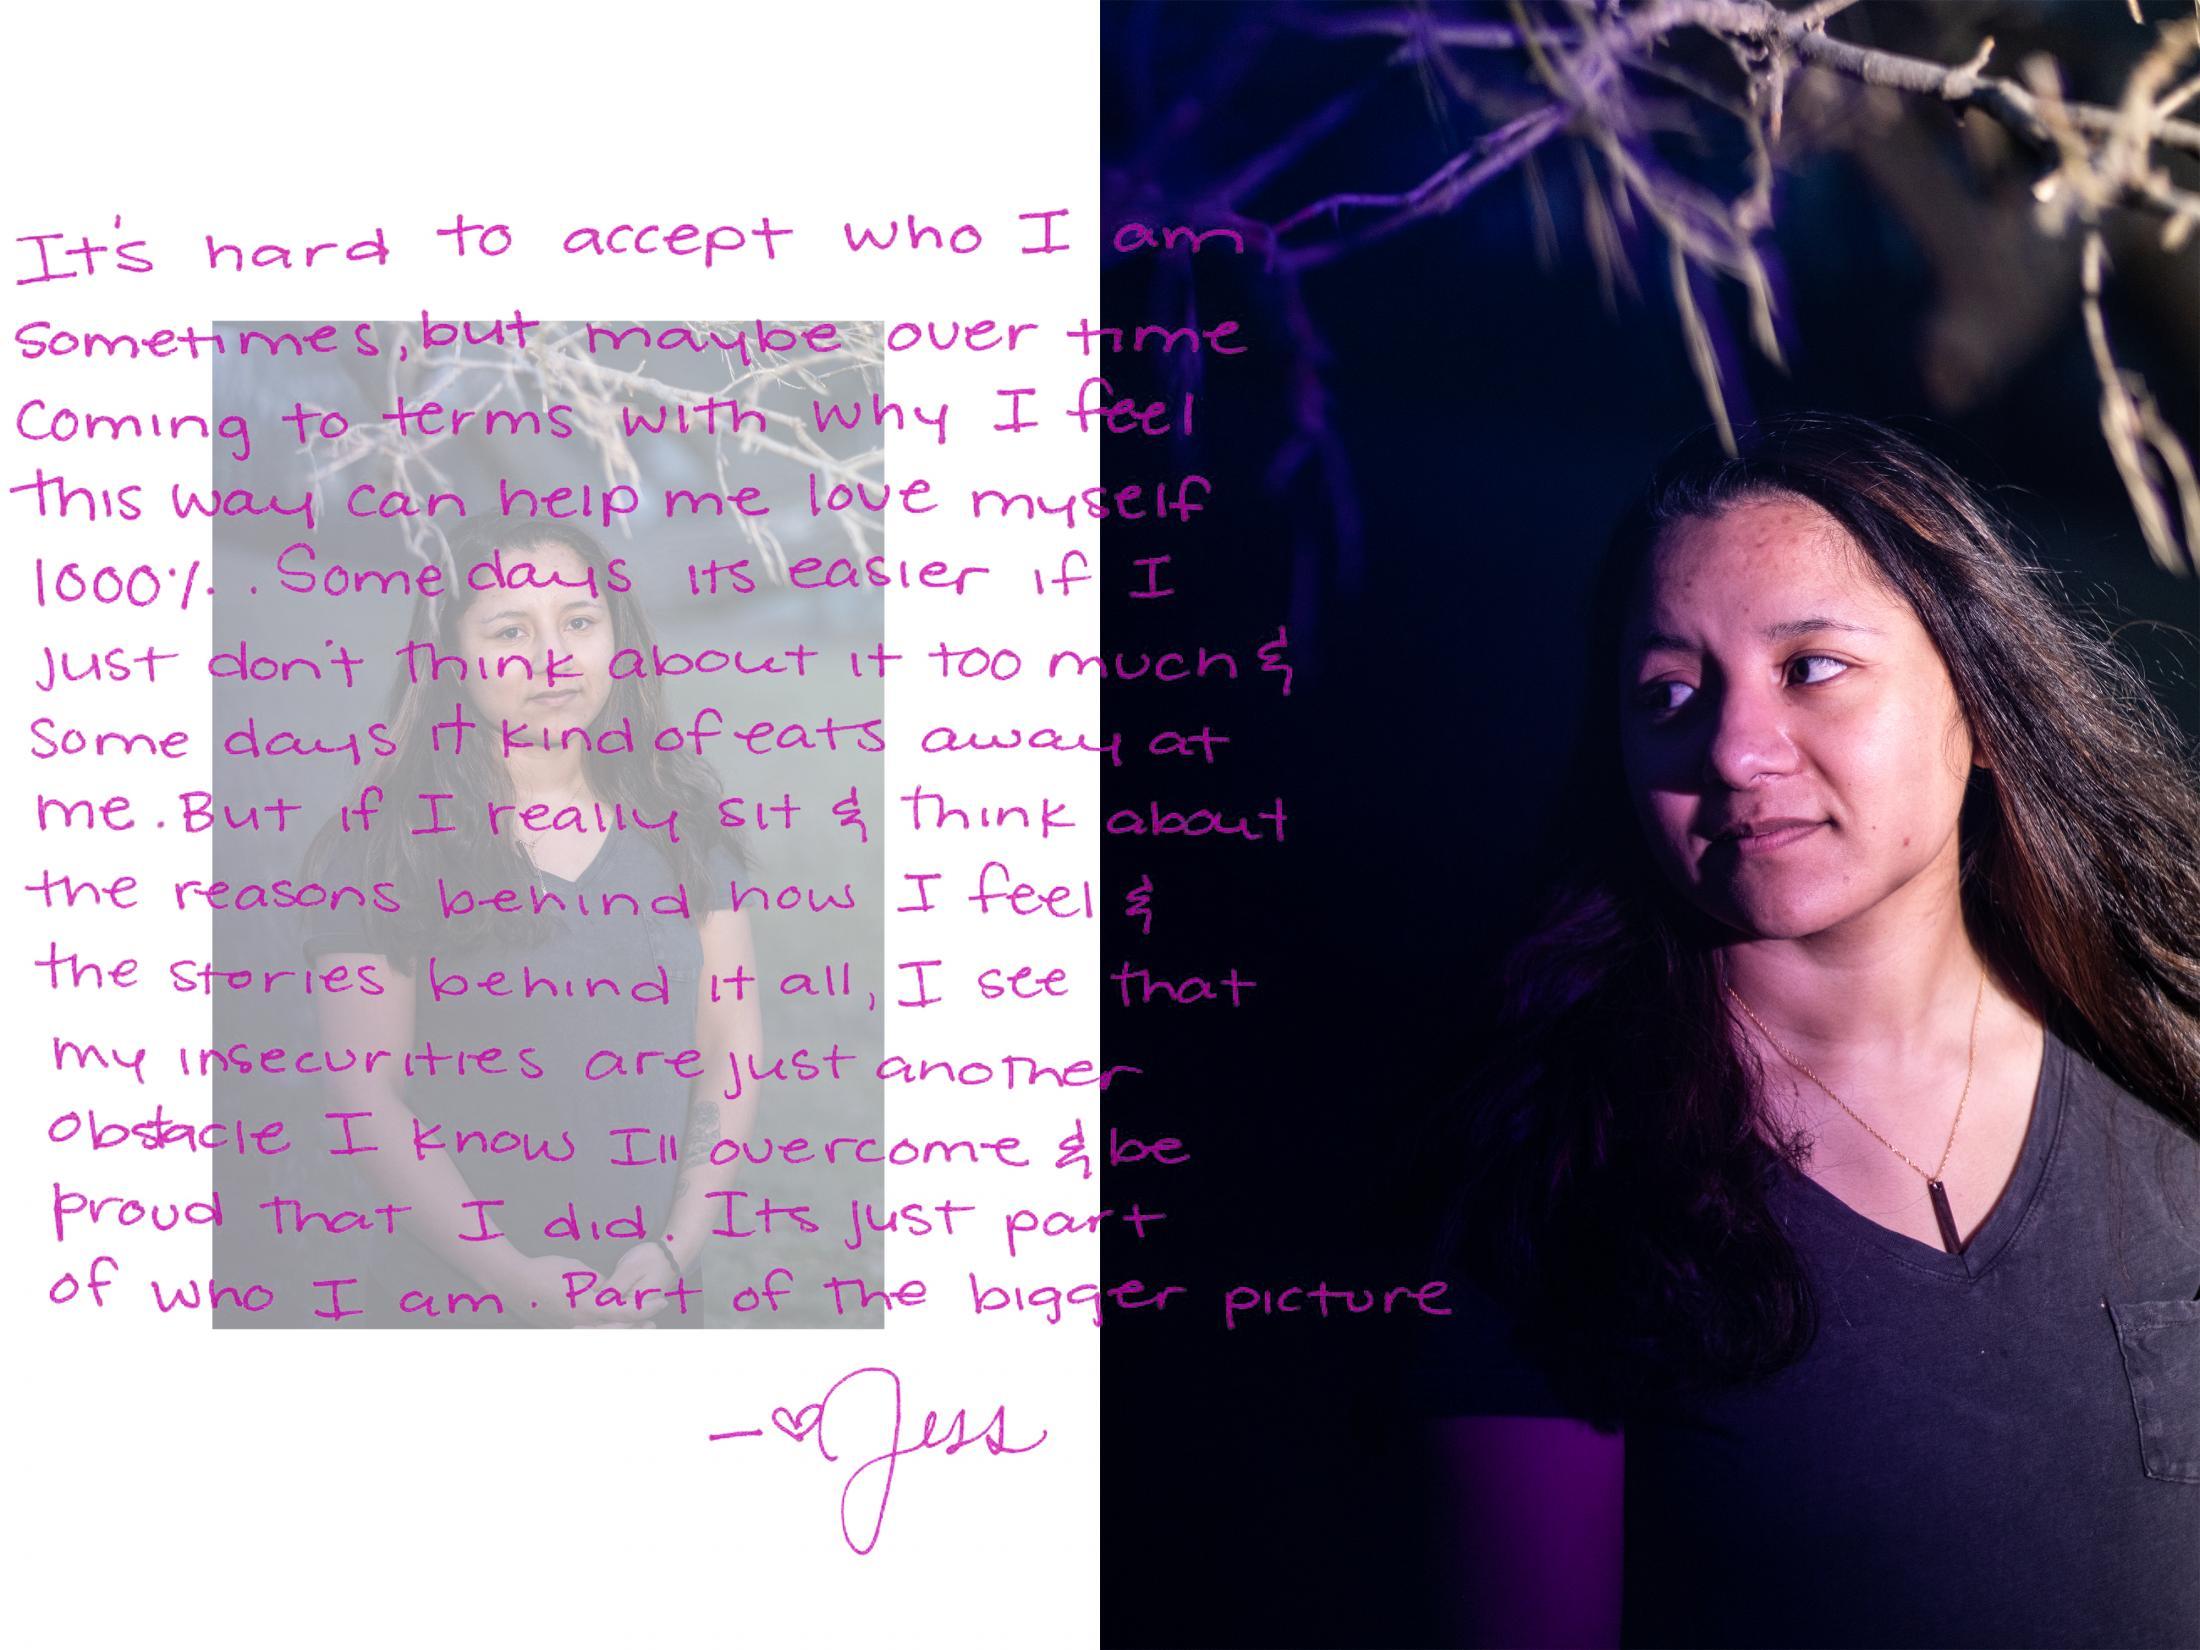 Jessika Braden, to hear her story visit: https://soundcloud.com/emily-kenny-392909720/jessika-braden